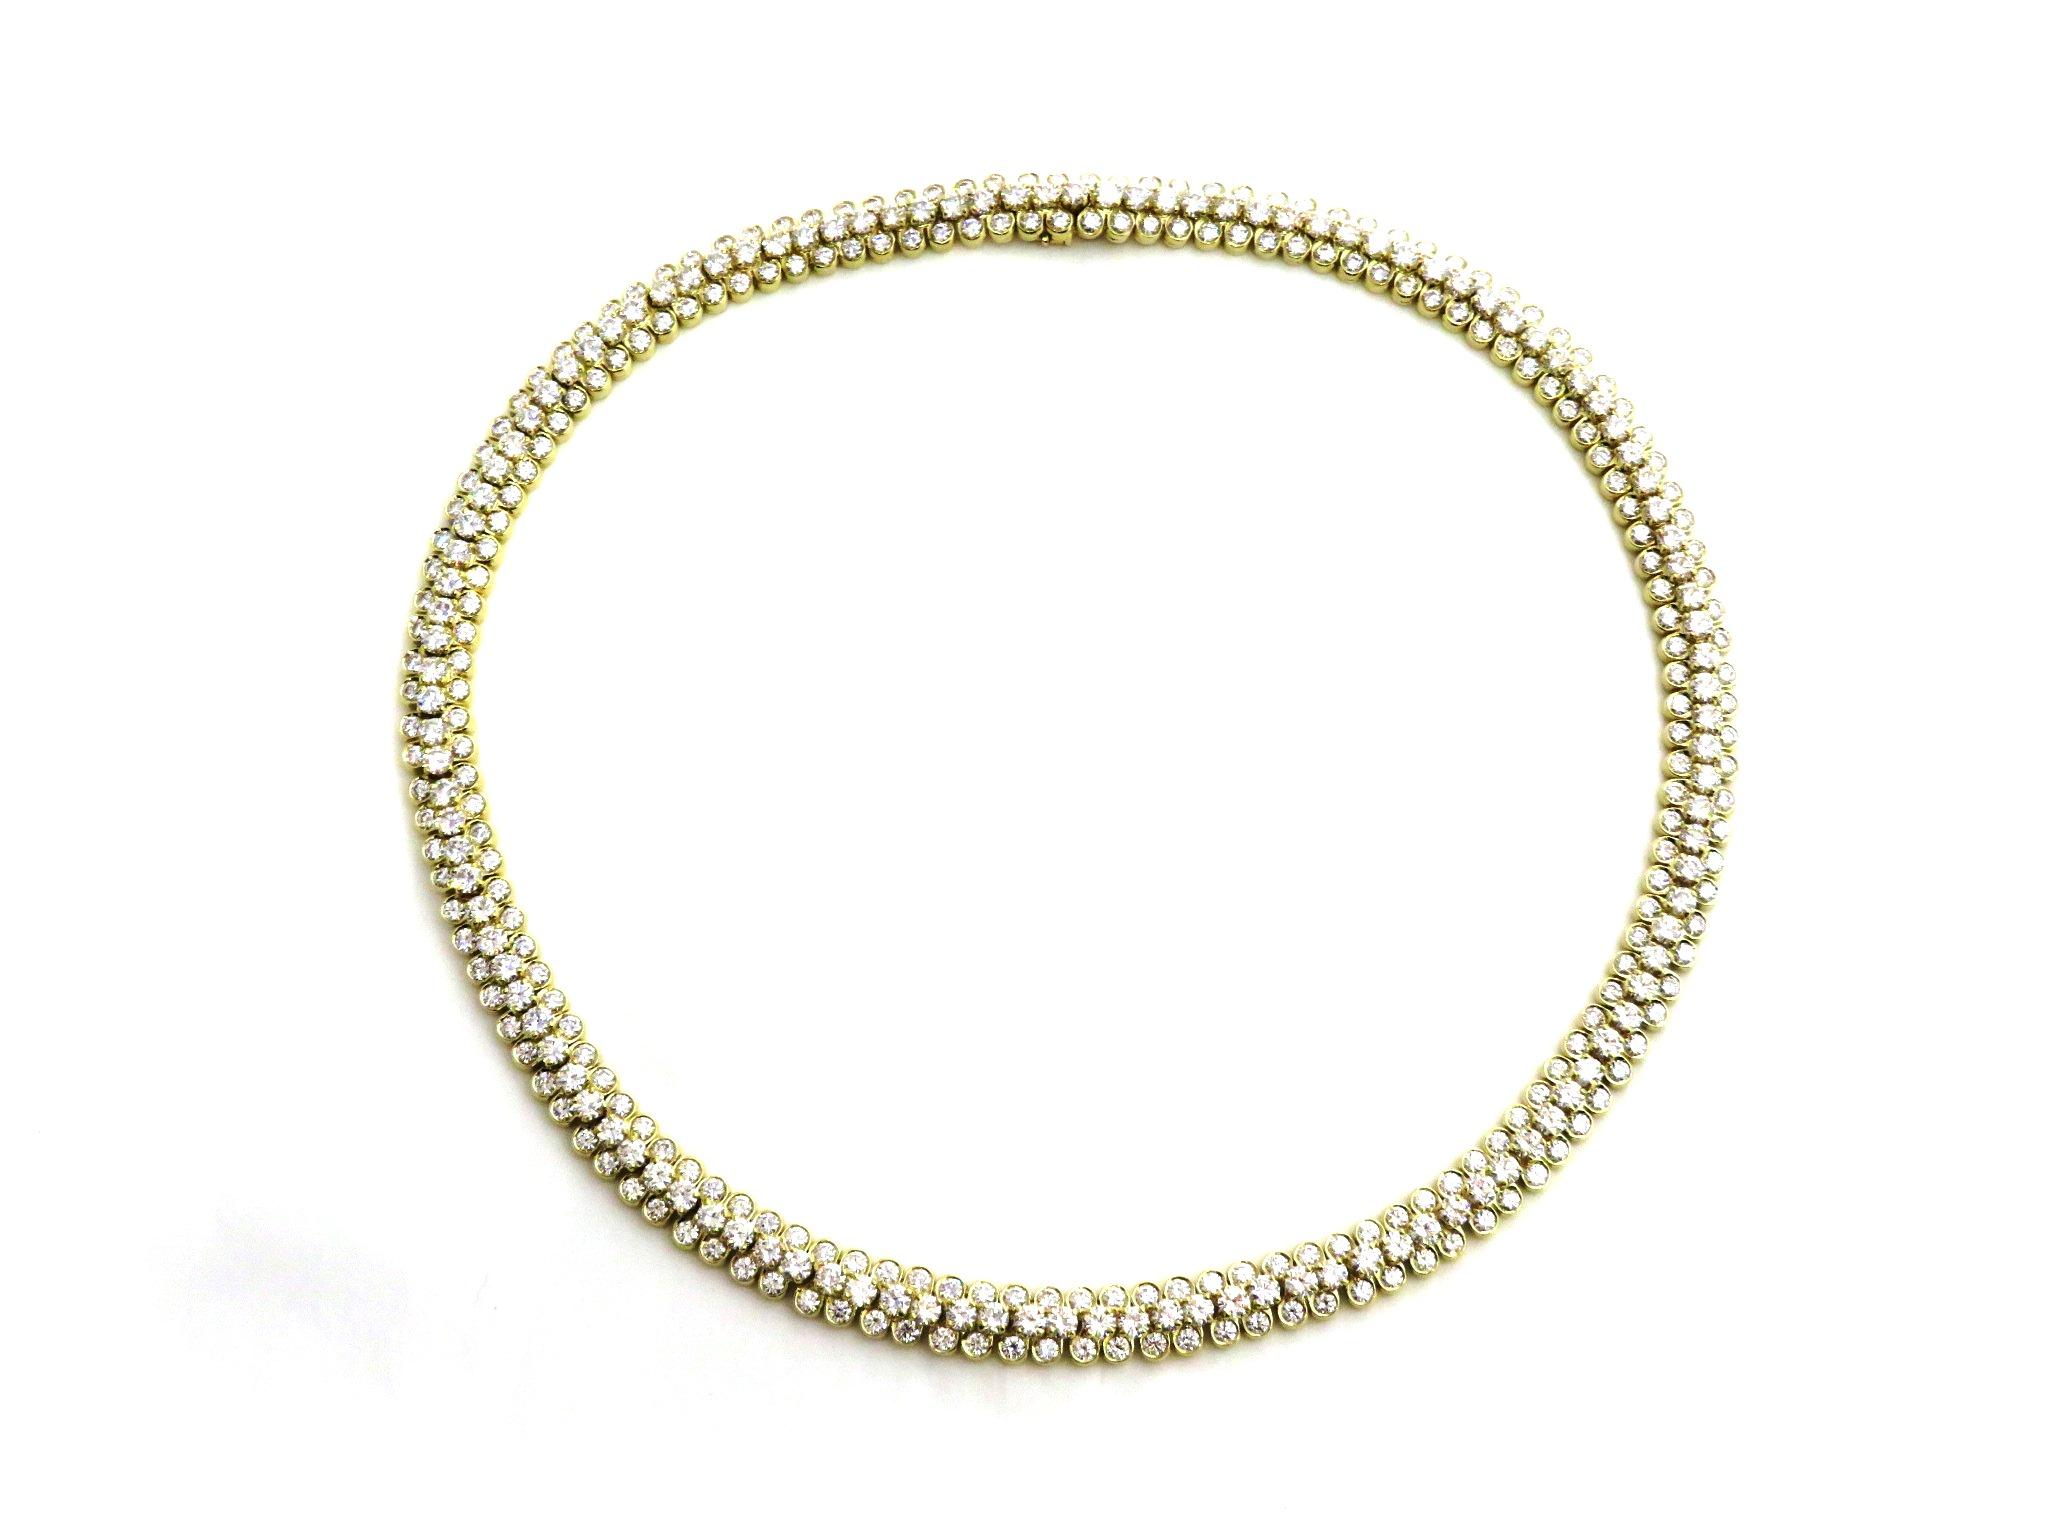 Van Cleef&Arpels ヴァンクリーフ&アーペル ネックレス デザインネックレス イエローゴールド ダイヤモンド 重量約50.6g SJ【472】